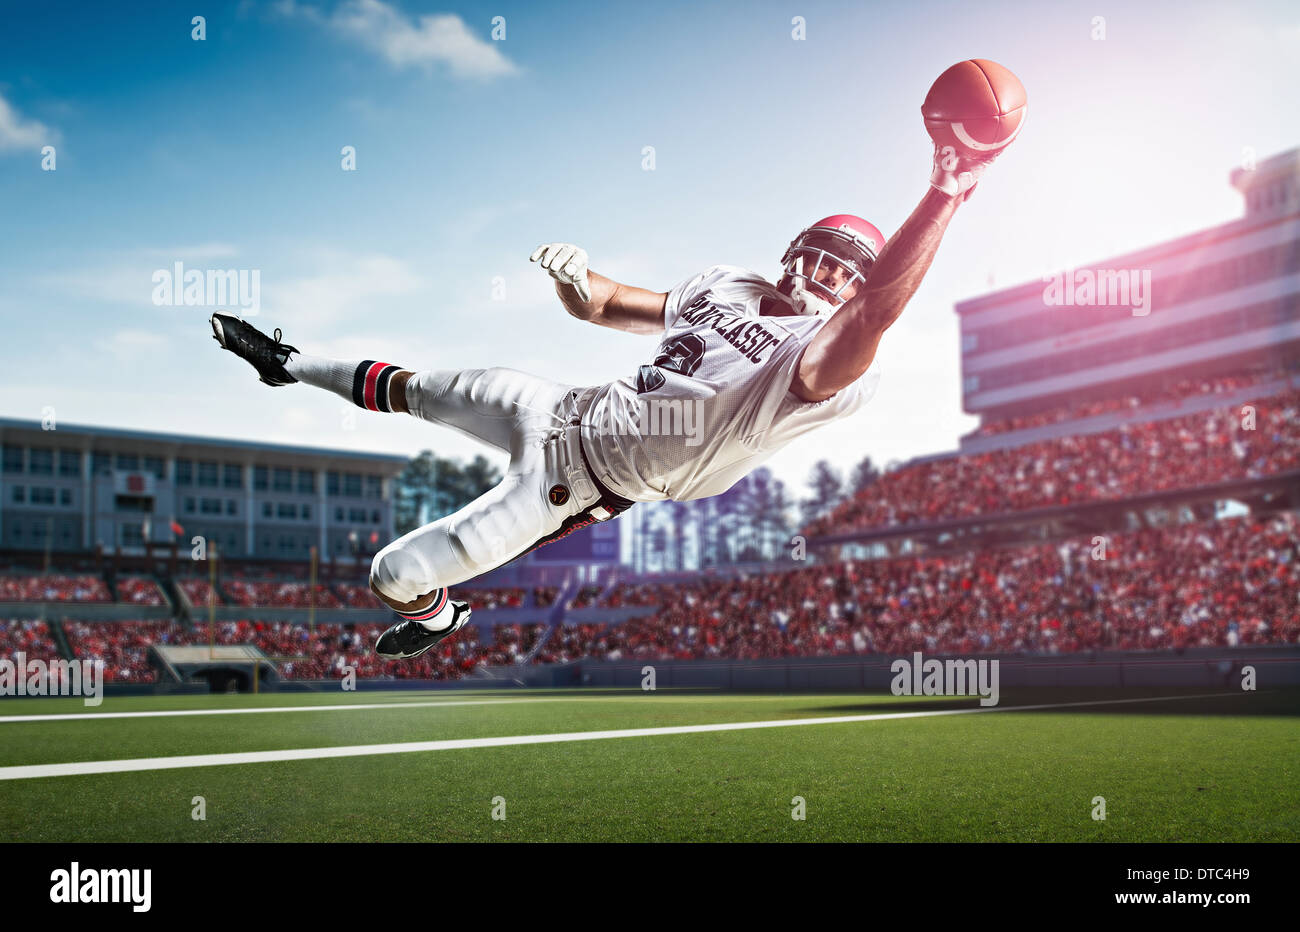 Jugador de fútbol americano atrapando la bola en el estadio de aire. Imagen De Stock